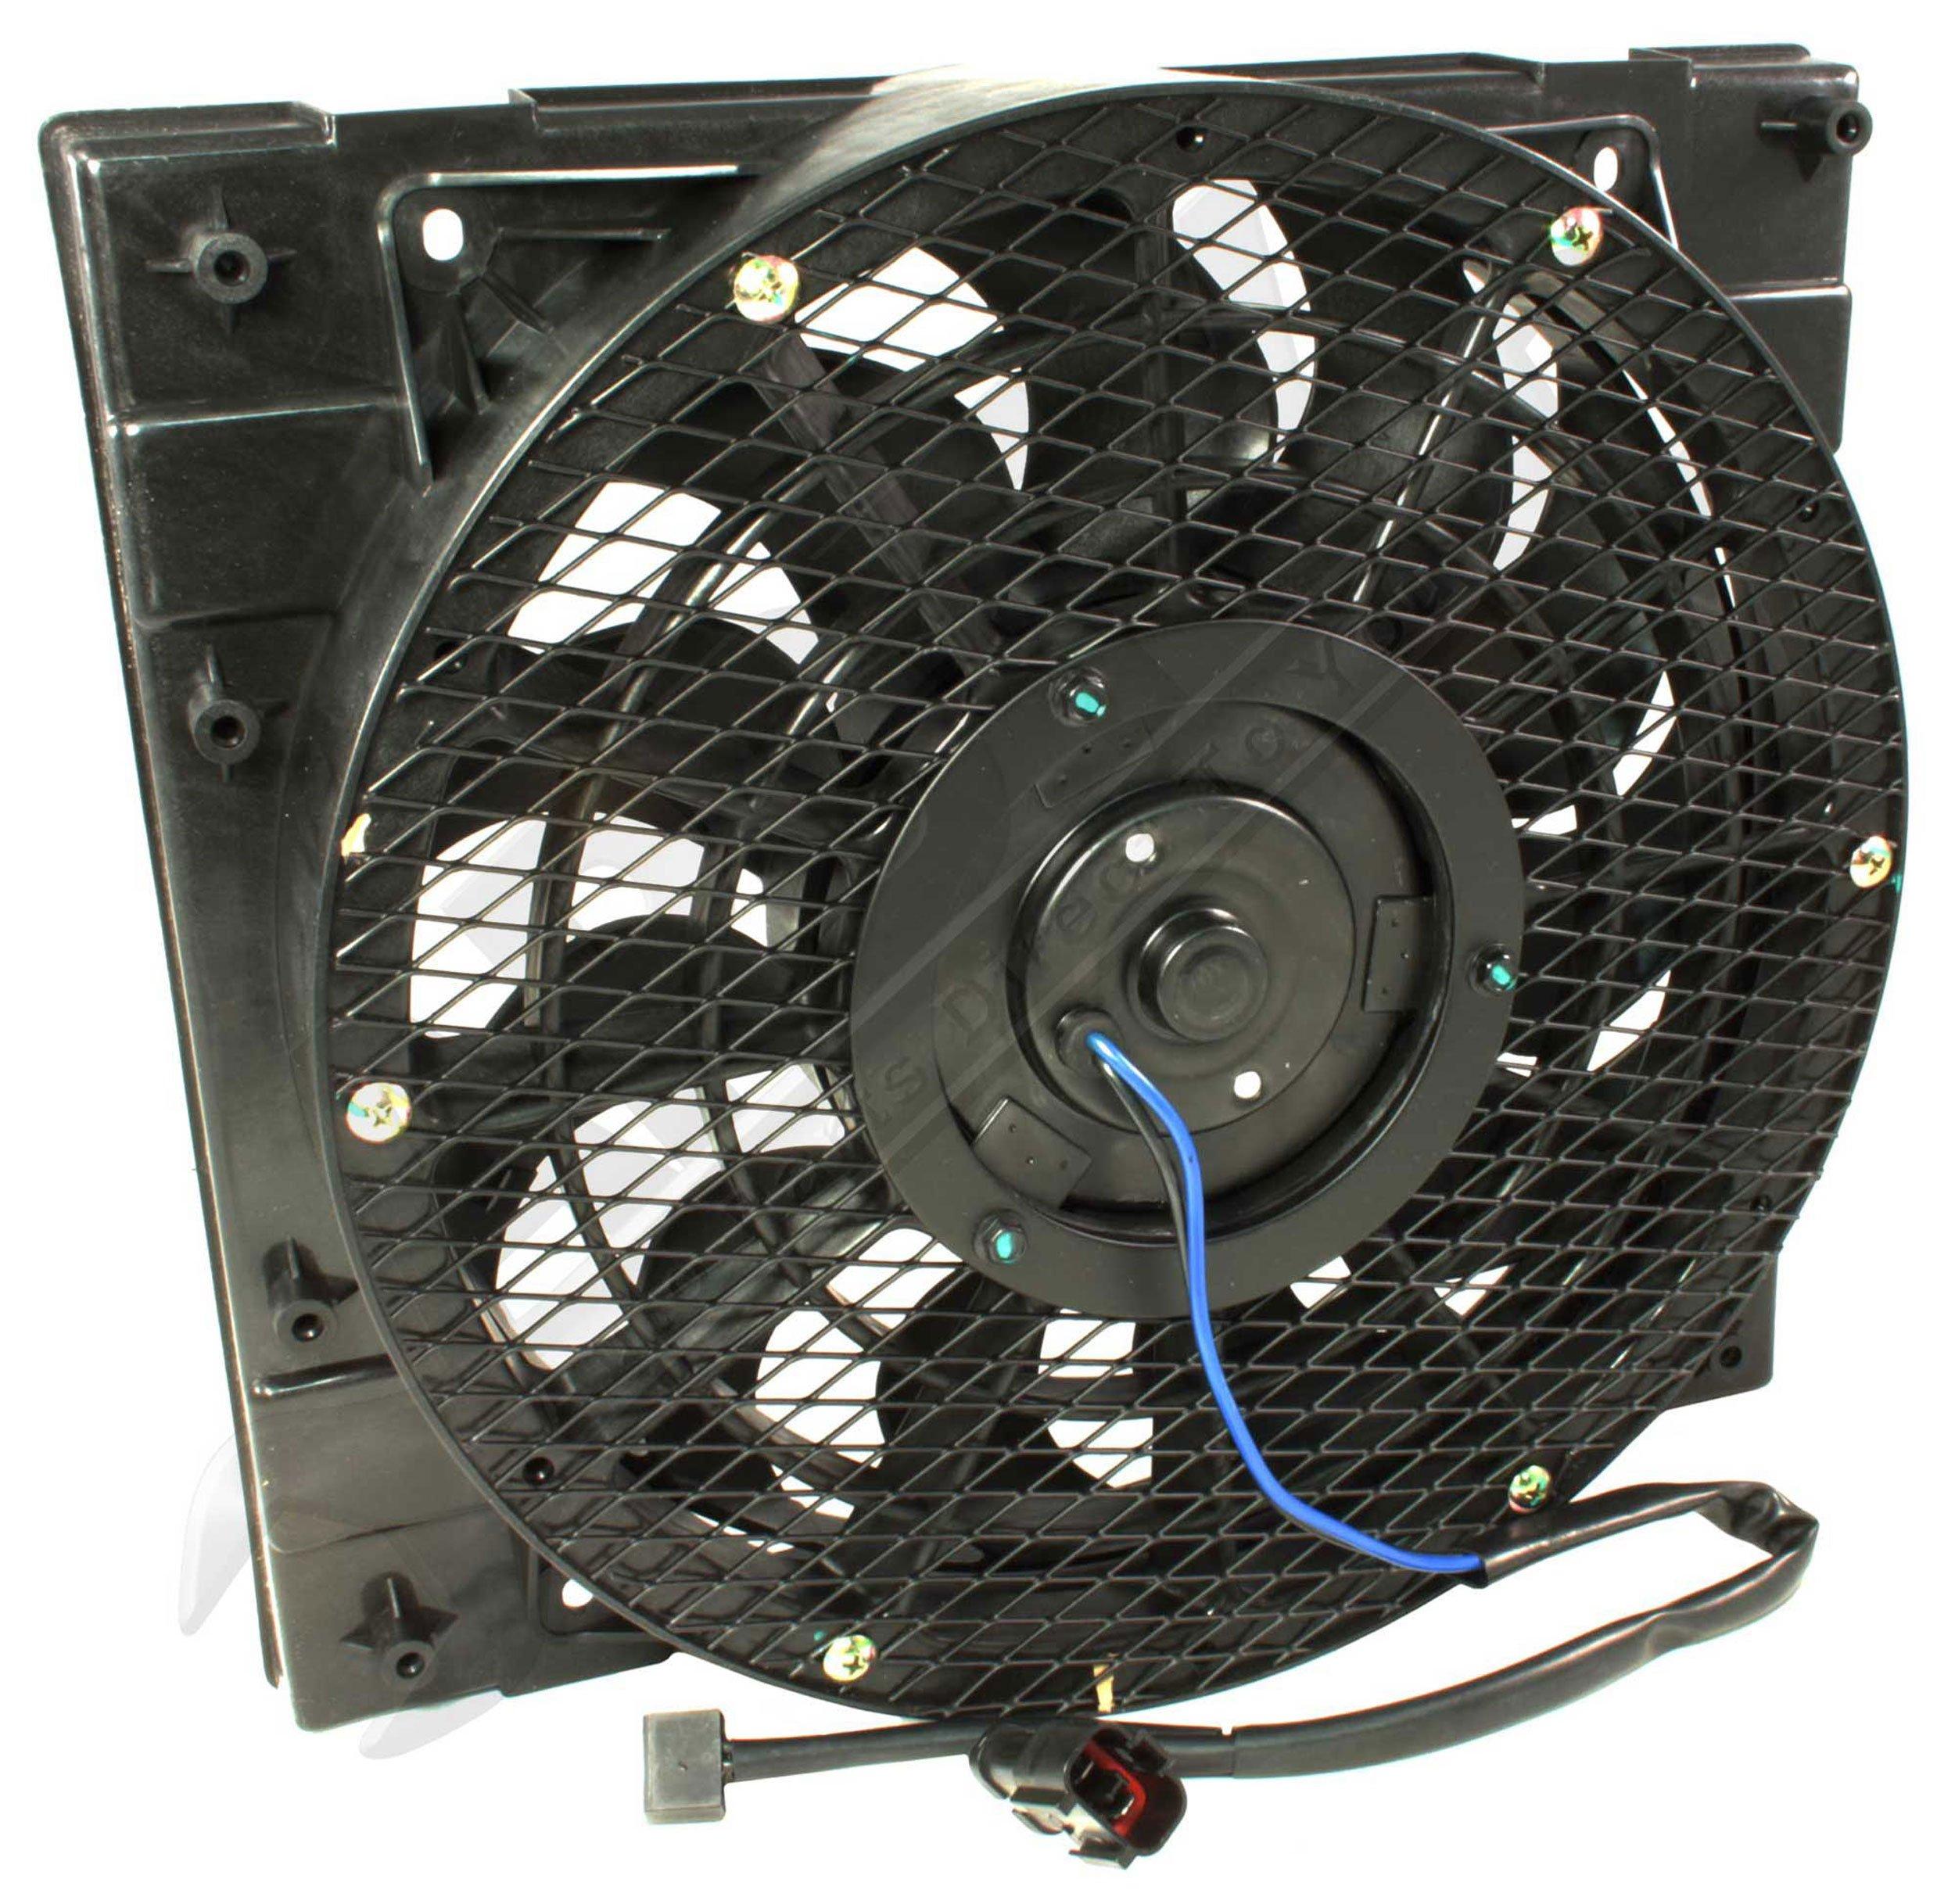 APDTY 7316712 AC Condenser Cooling Fan Assembly For 1994-2008 Isuzu NPR (Includes Plug n Play Fan Motor, Fan Blade, Fan Shroud; Replaces 8-97383-808-0) by APDTY